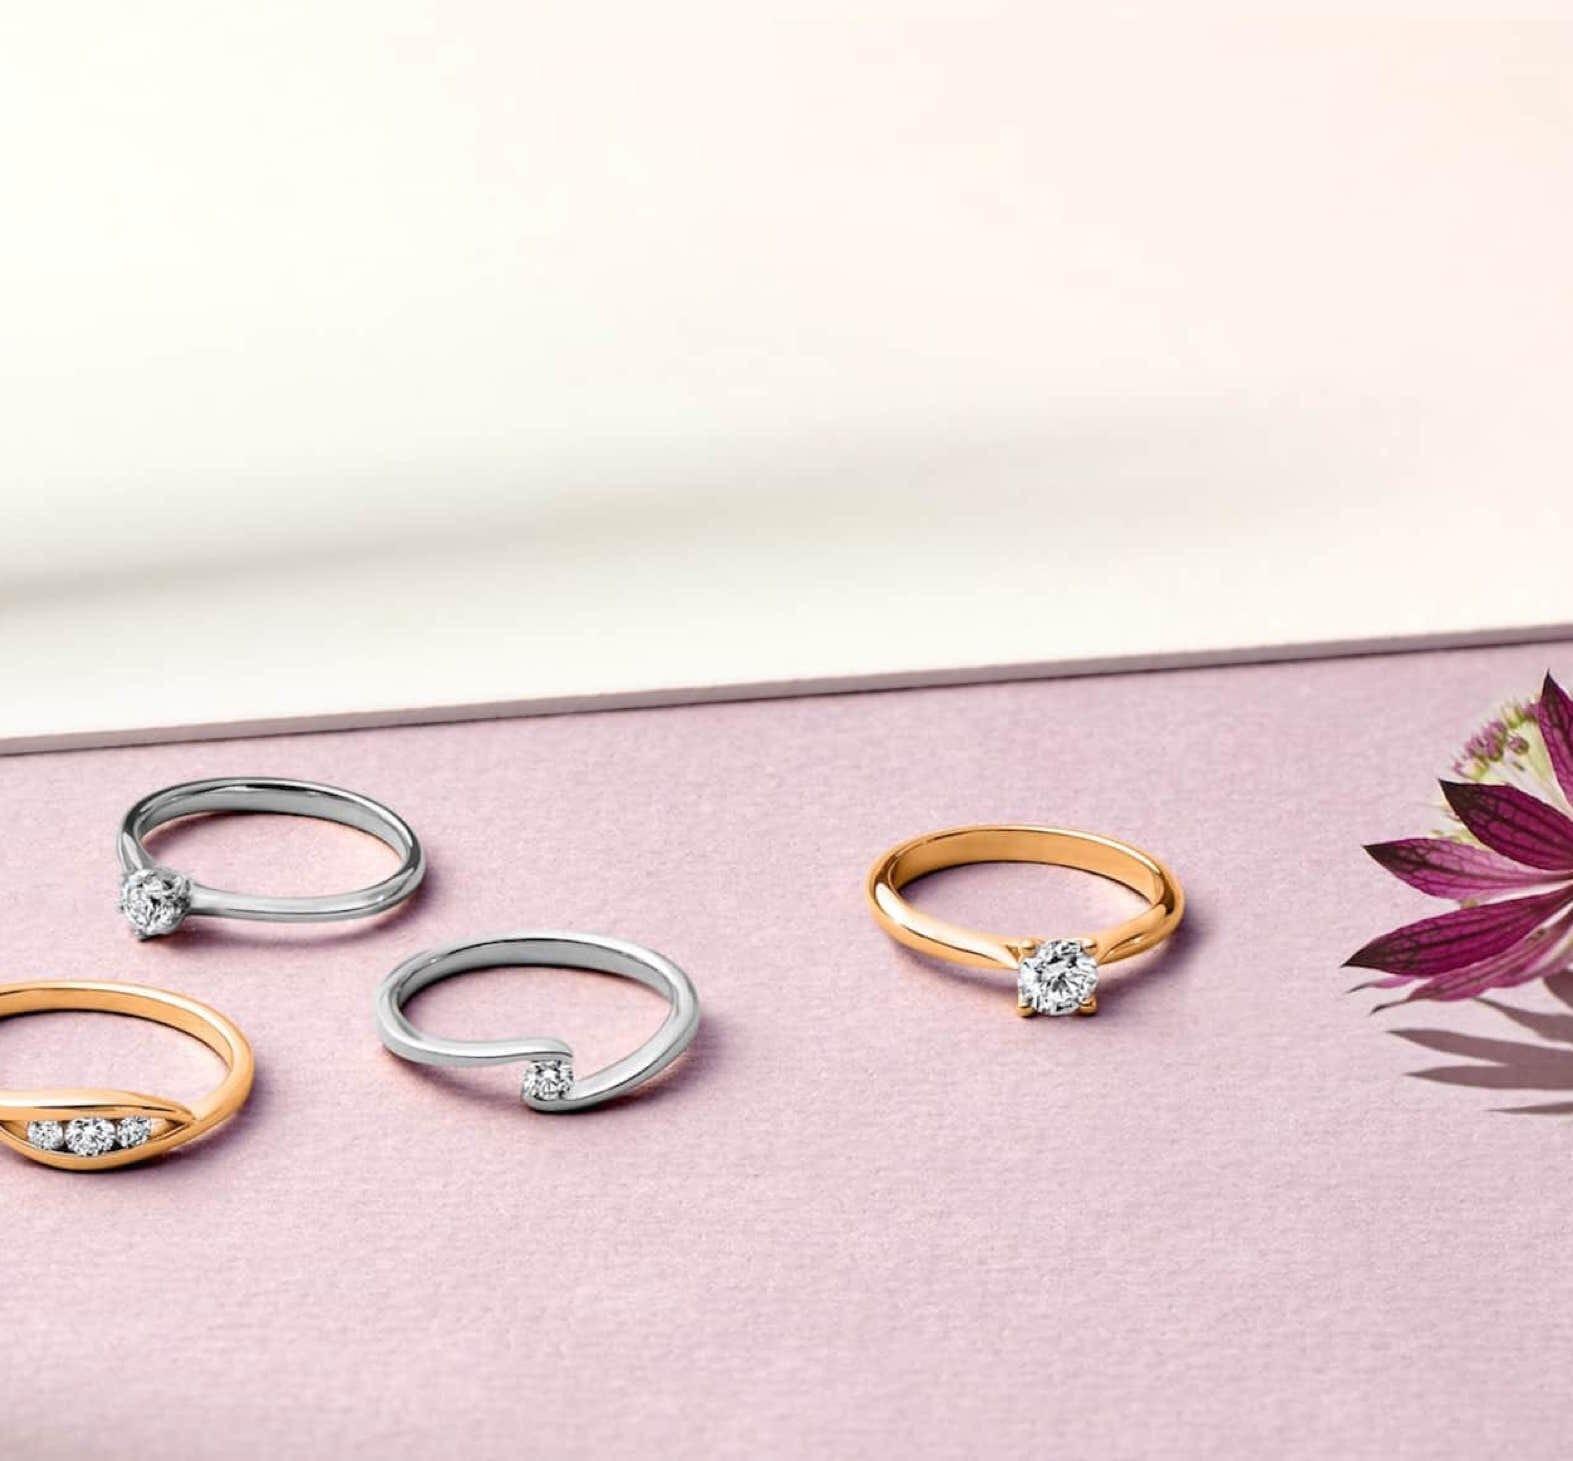 Verlobungsringe Kaufen Seit 150 Jahren | Breedia